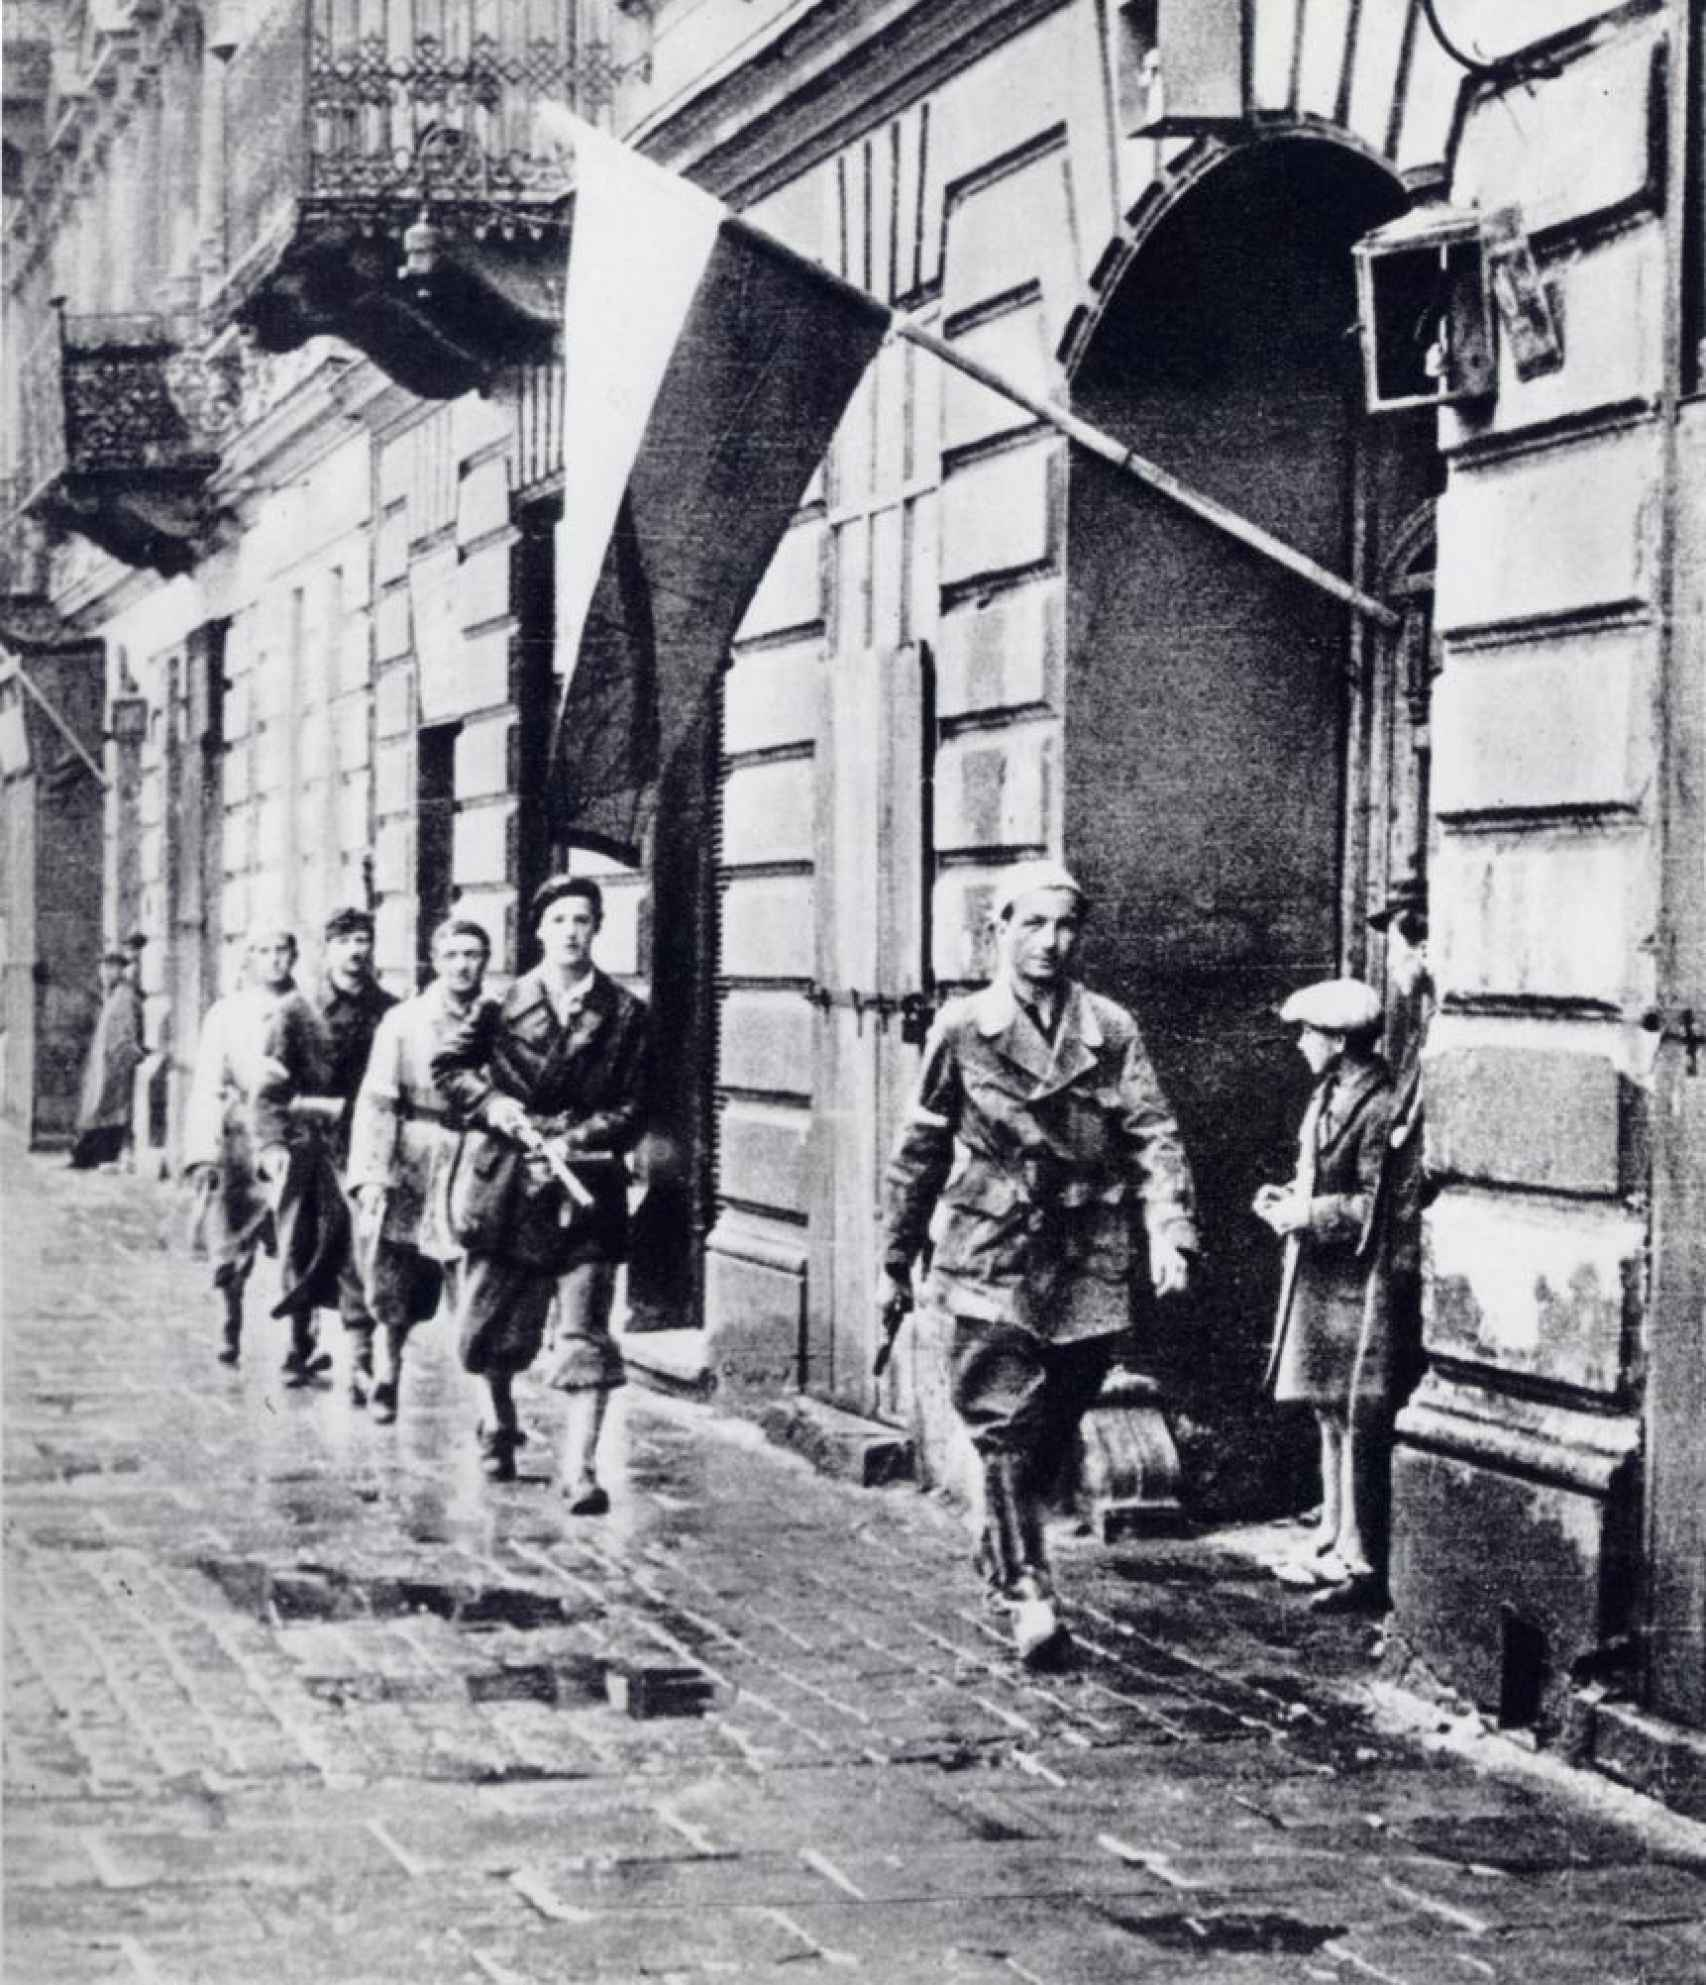 Soldados polacos patrullando las calles de Varsovia tras el alzamiento (1944).